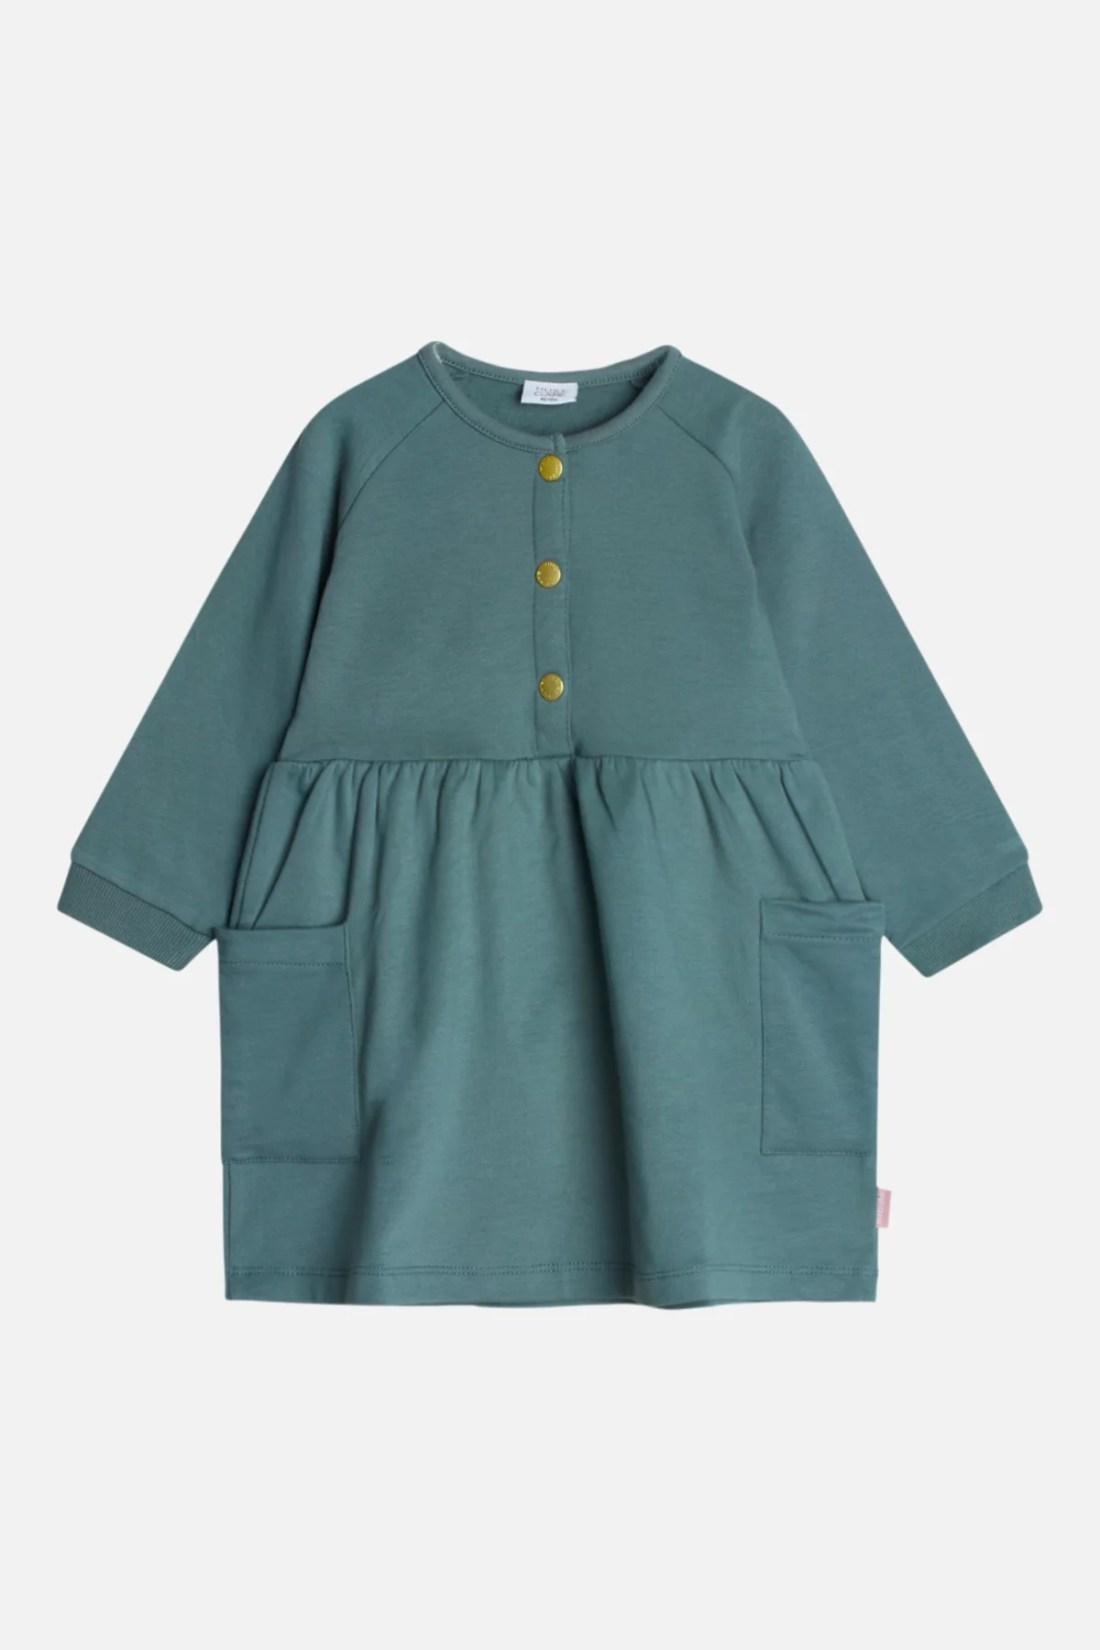 Schlichtes Kleid von Hust & Claire in Grün